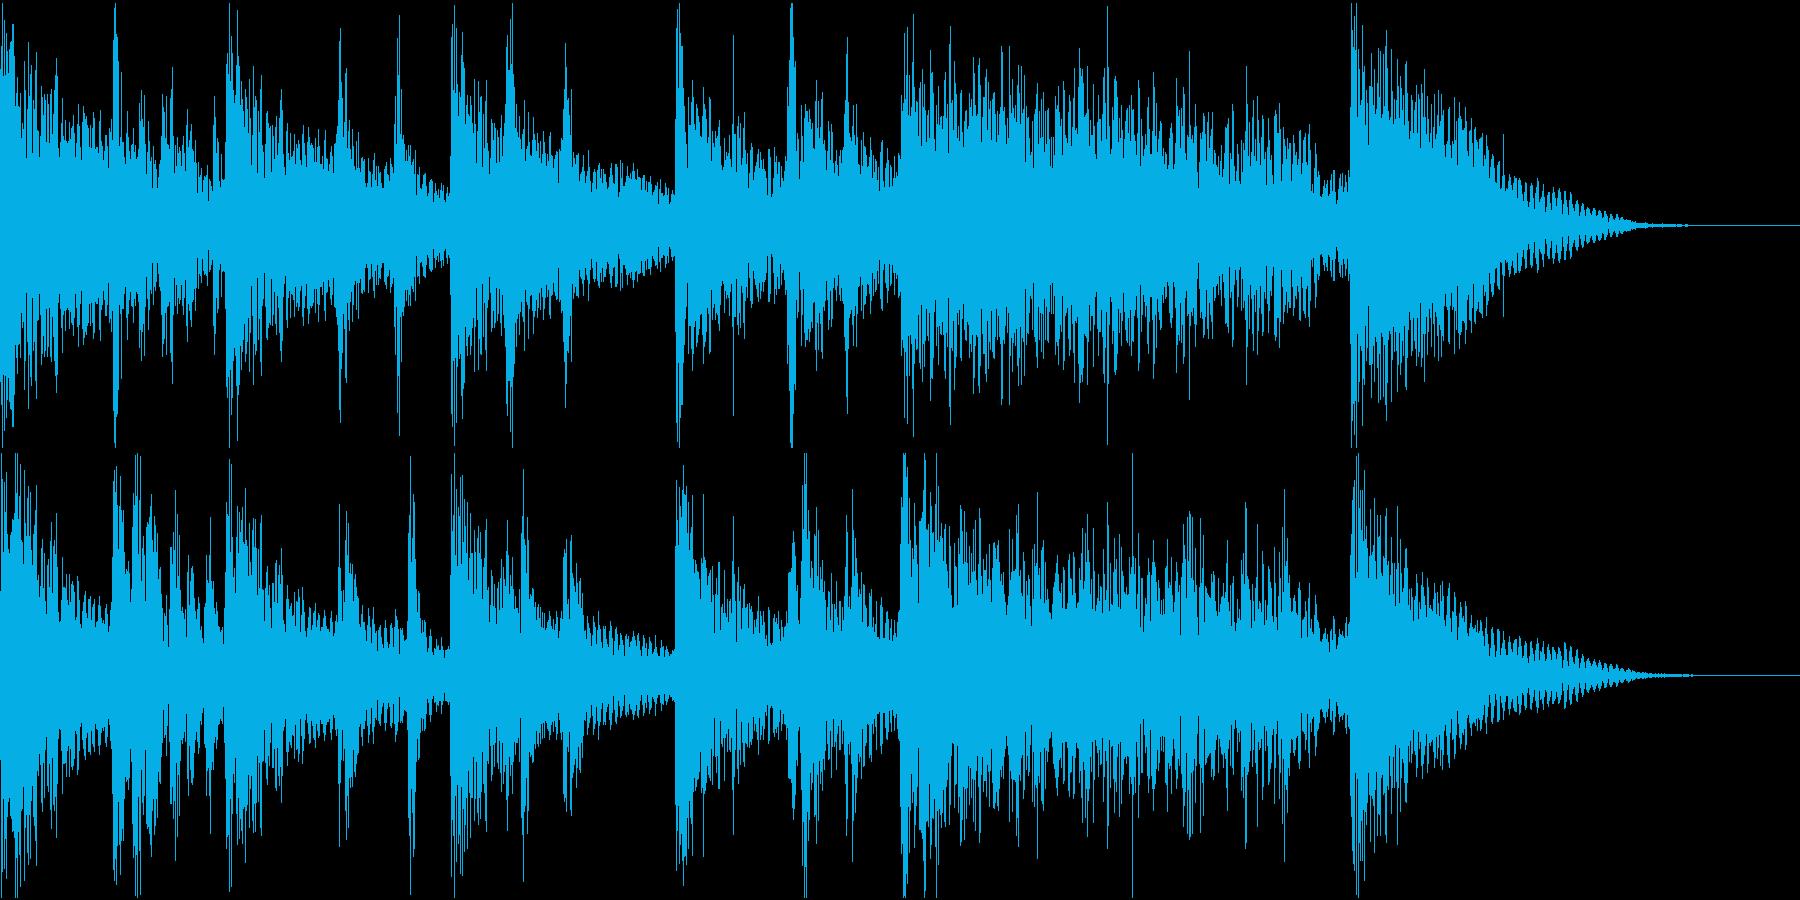 ドラムマーチ風のサウンドロゴの再生済みの波形